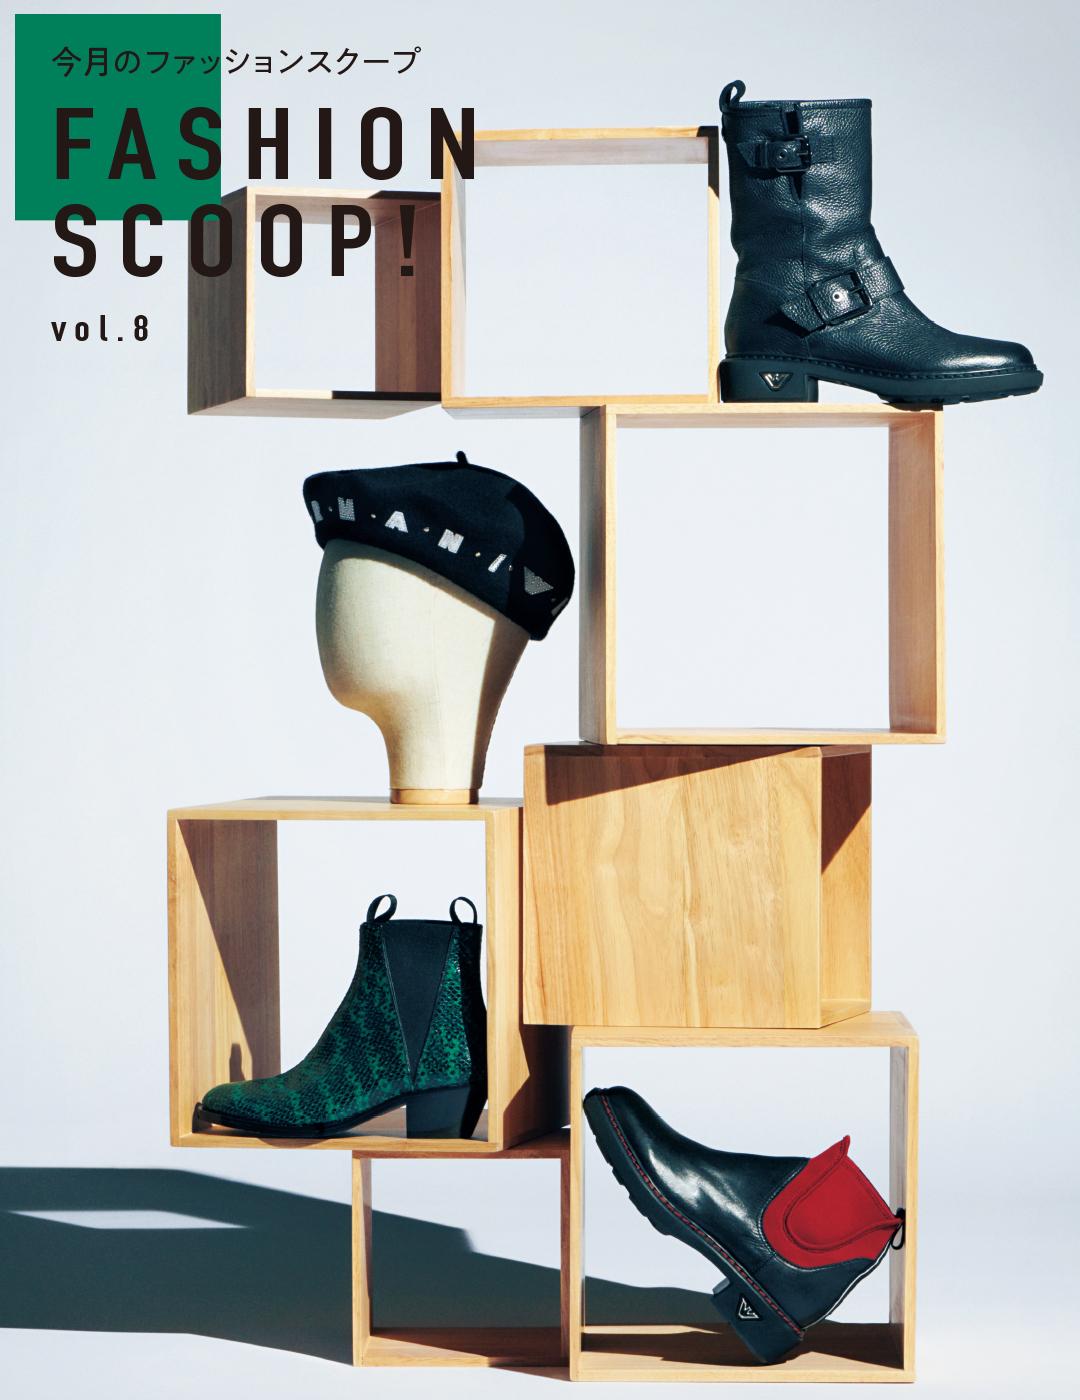 今月のファッションスクープ FASHION SCOOP! vol.8